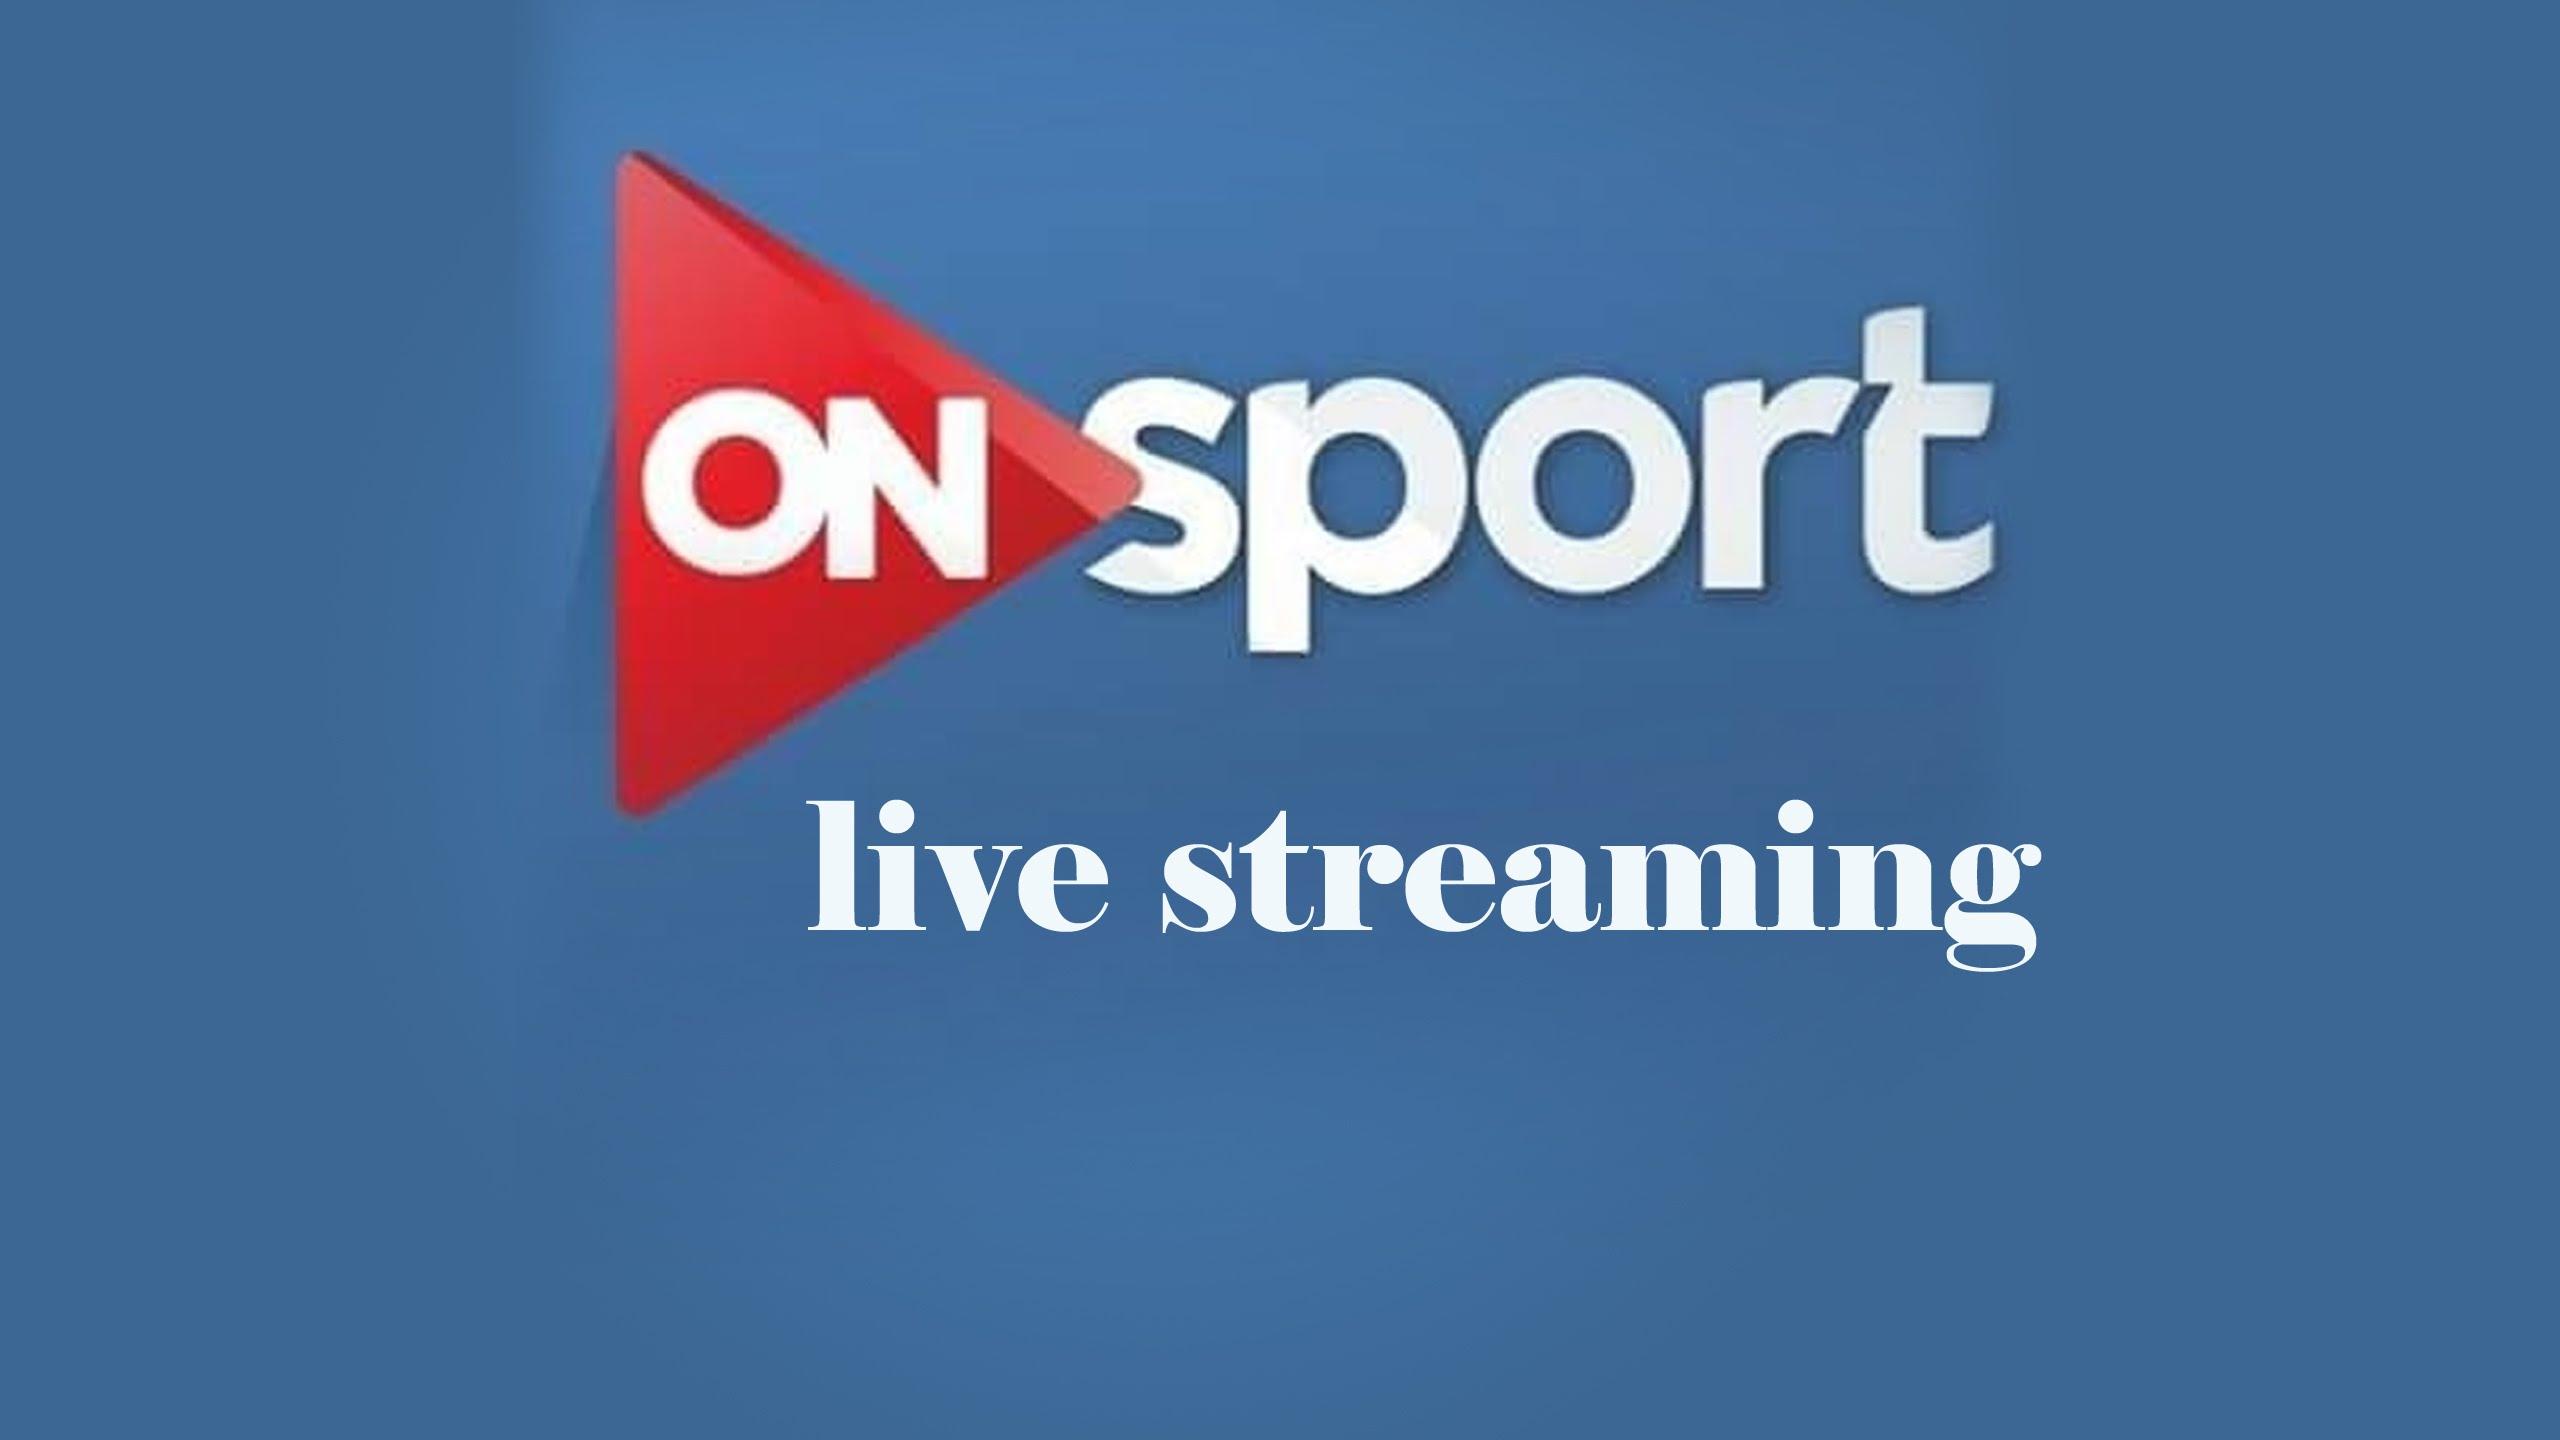 تردد قناة اون سبورت on sport الناقلة لمباراة منتخب مصر وغانا